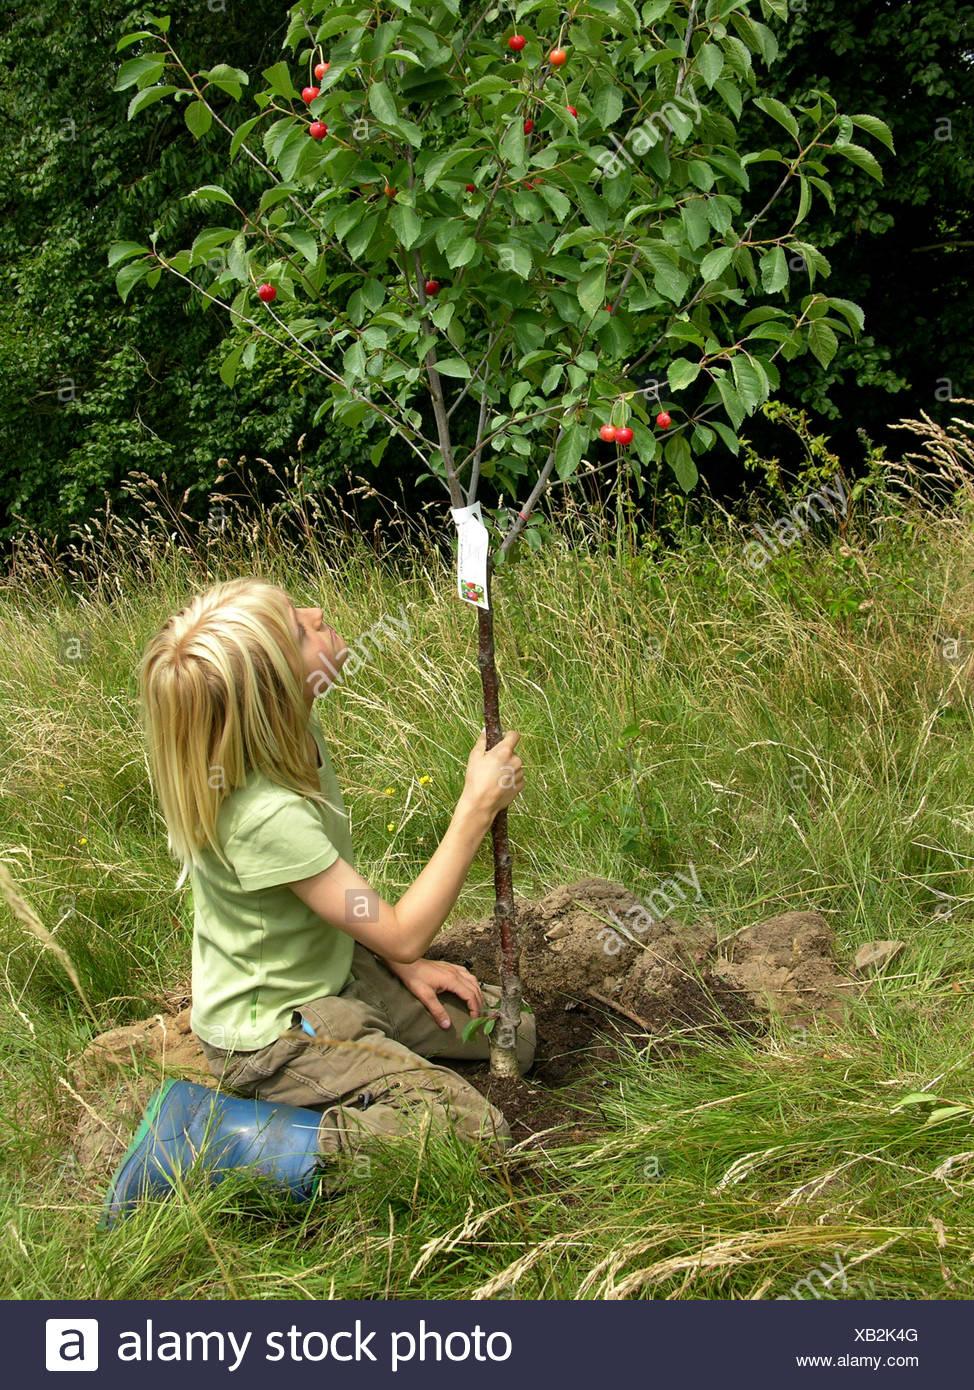 Joven está sentado en una pradera mirando el cerezo que acaba de plantado, Alemania Foto de stock